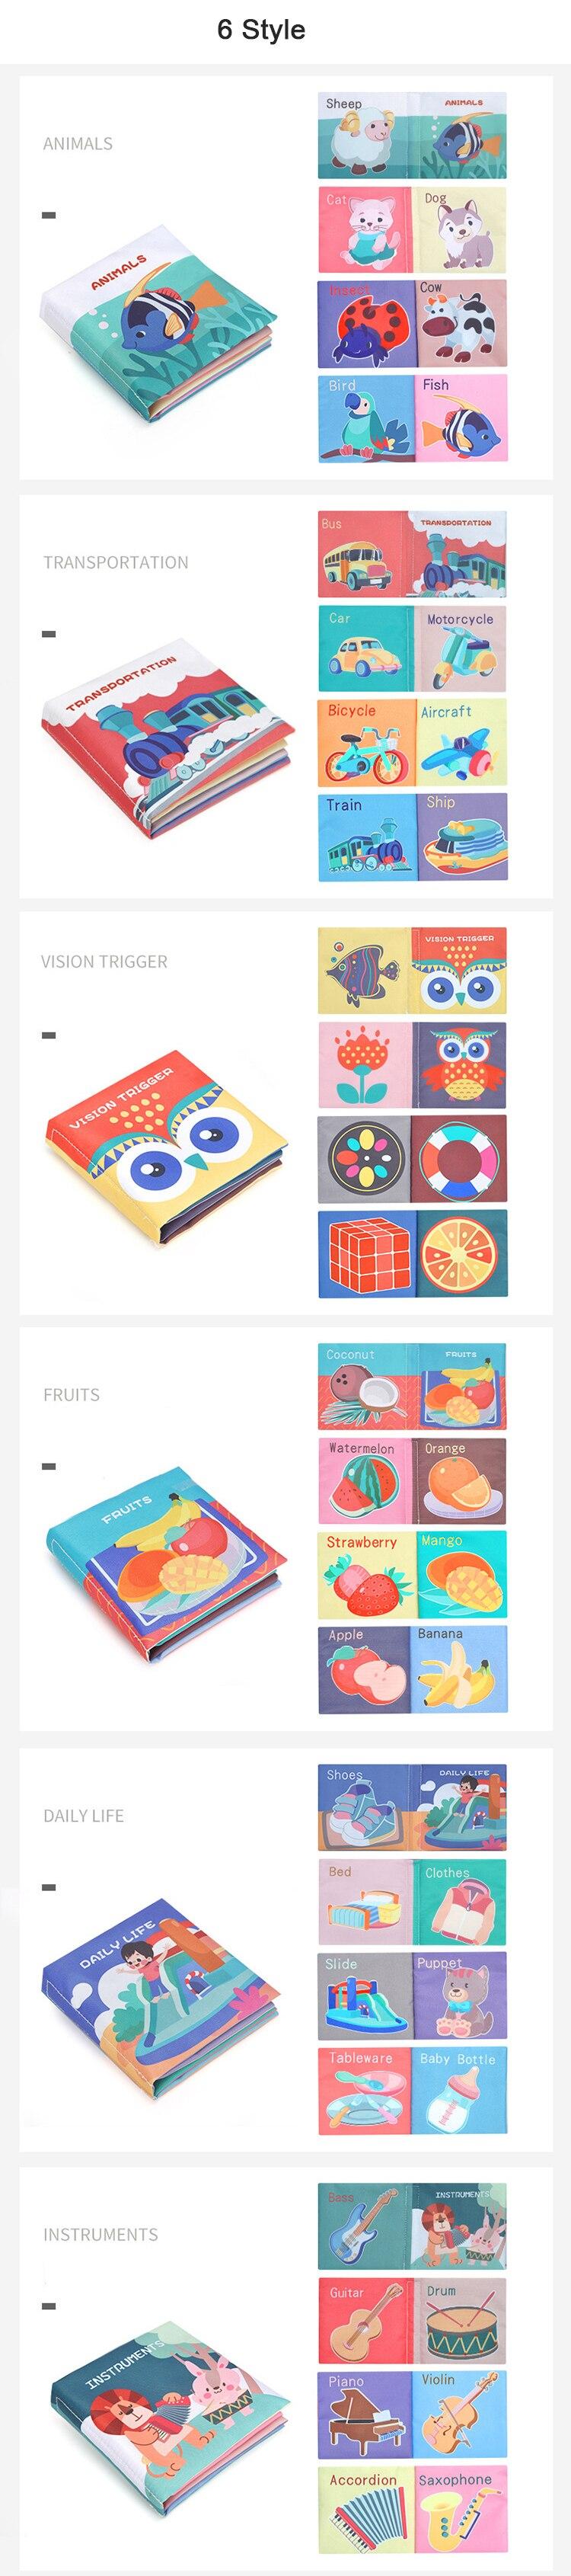 sensorial pano livro para bebês criança aprendizagem